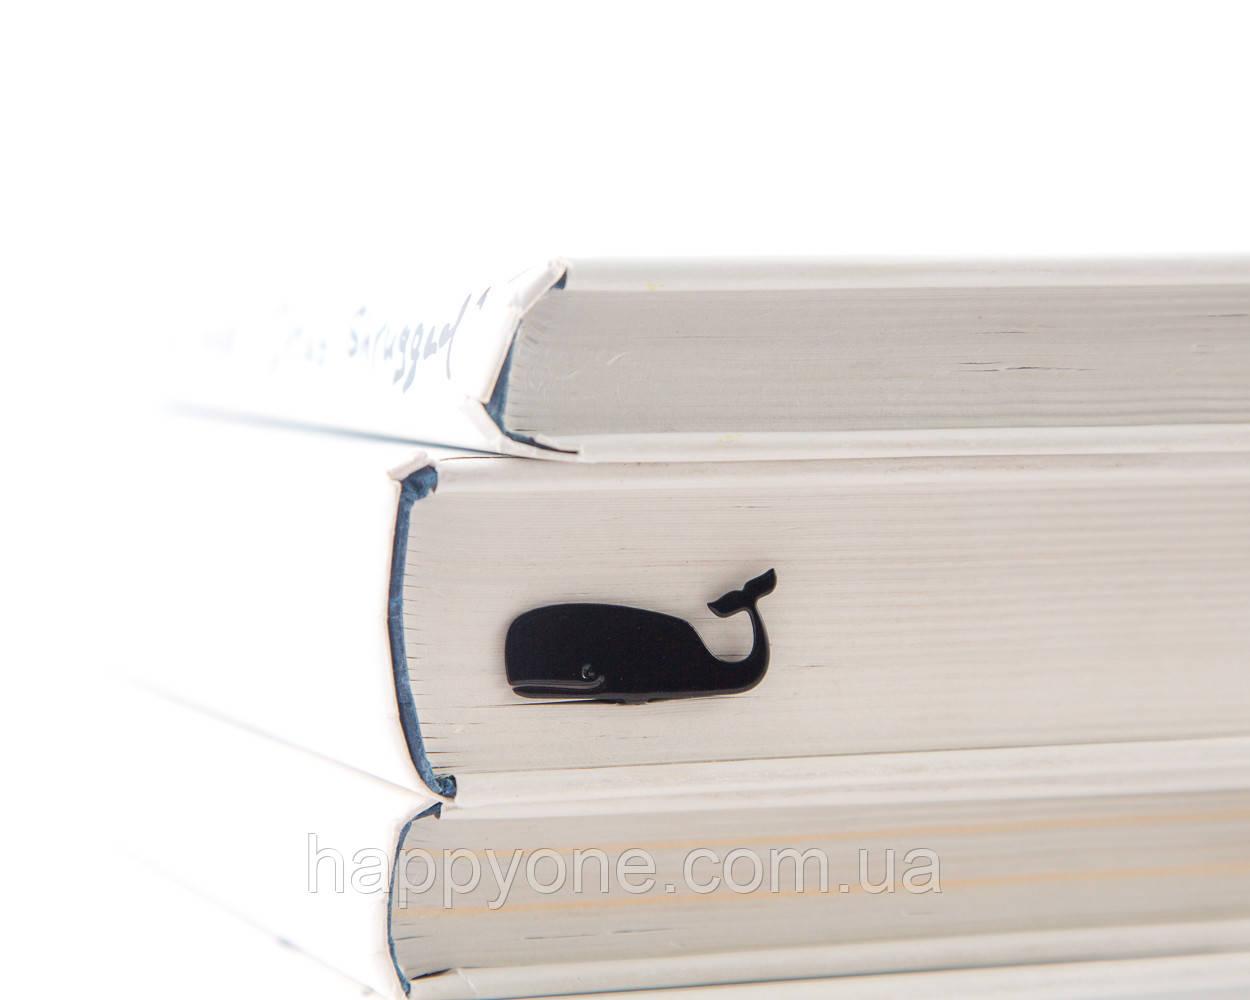 Закладка для книг Чёрный Кит